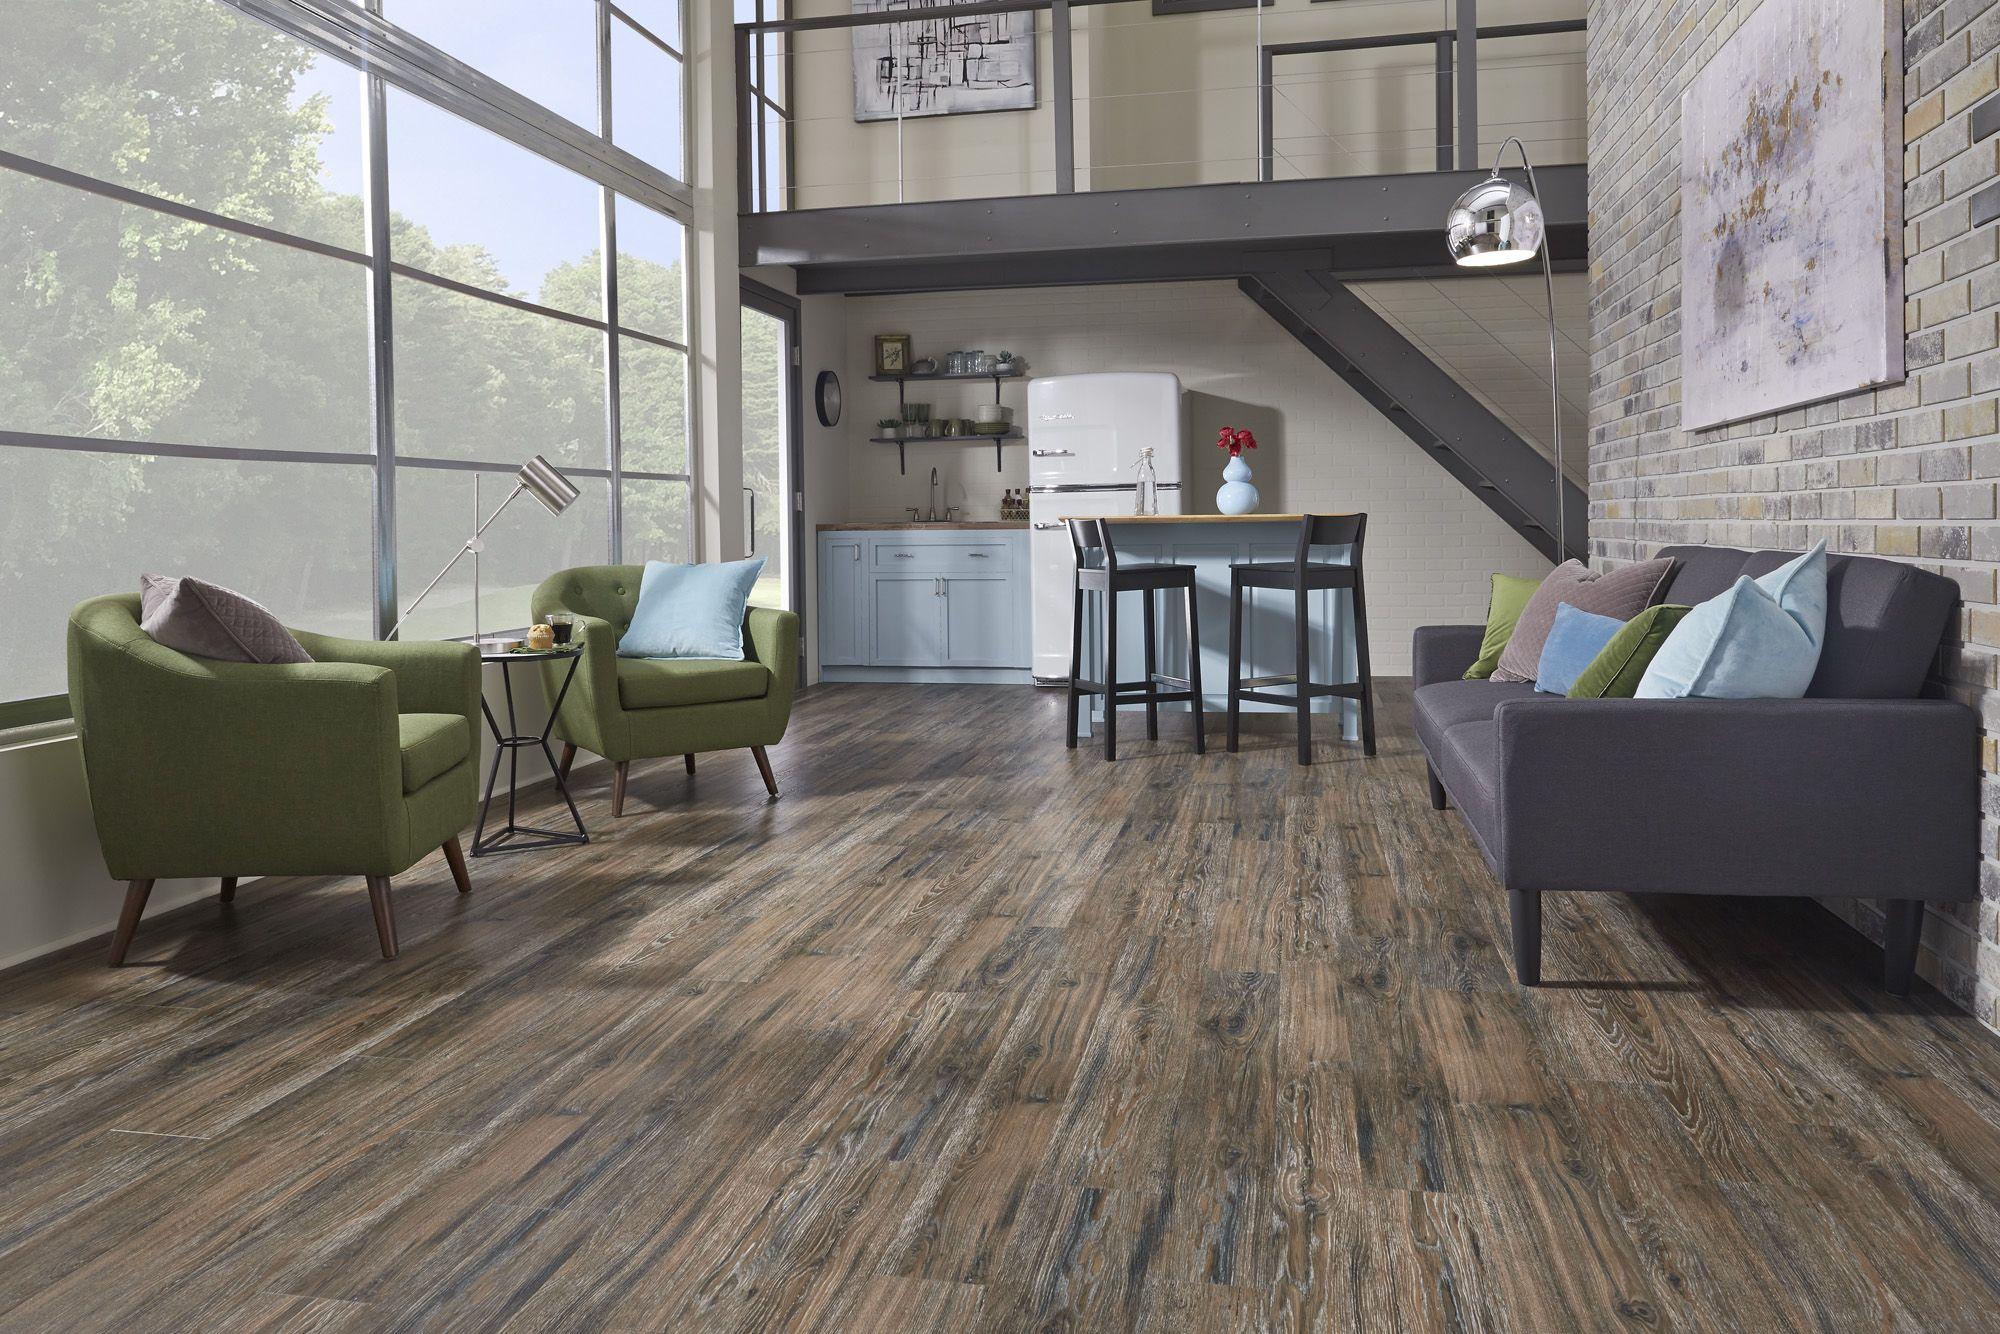 Coreluxe timber wolf pine a waterproof enginered vinyl plank evp floor